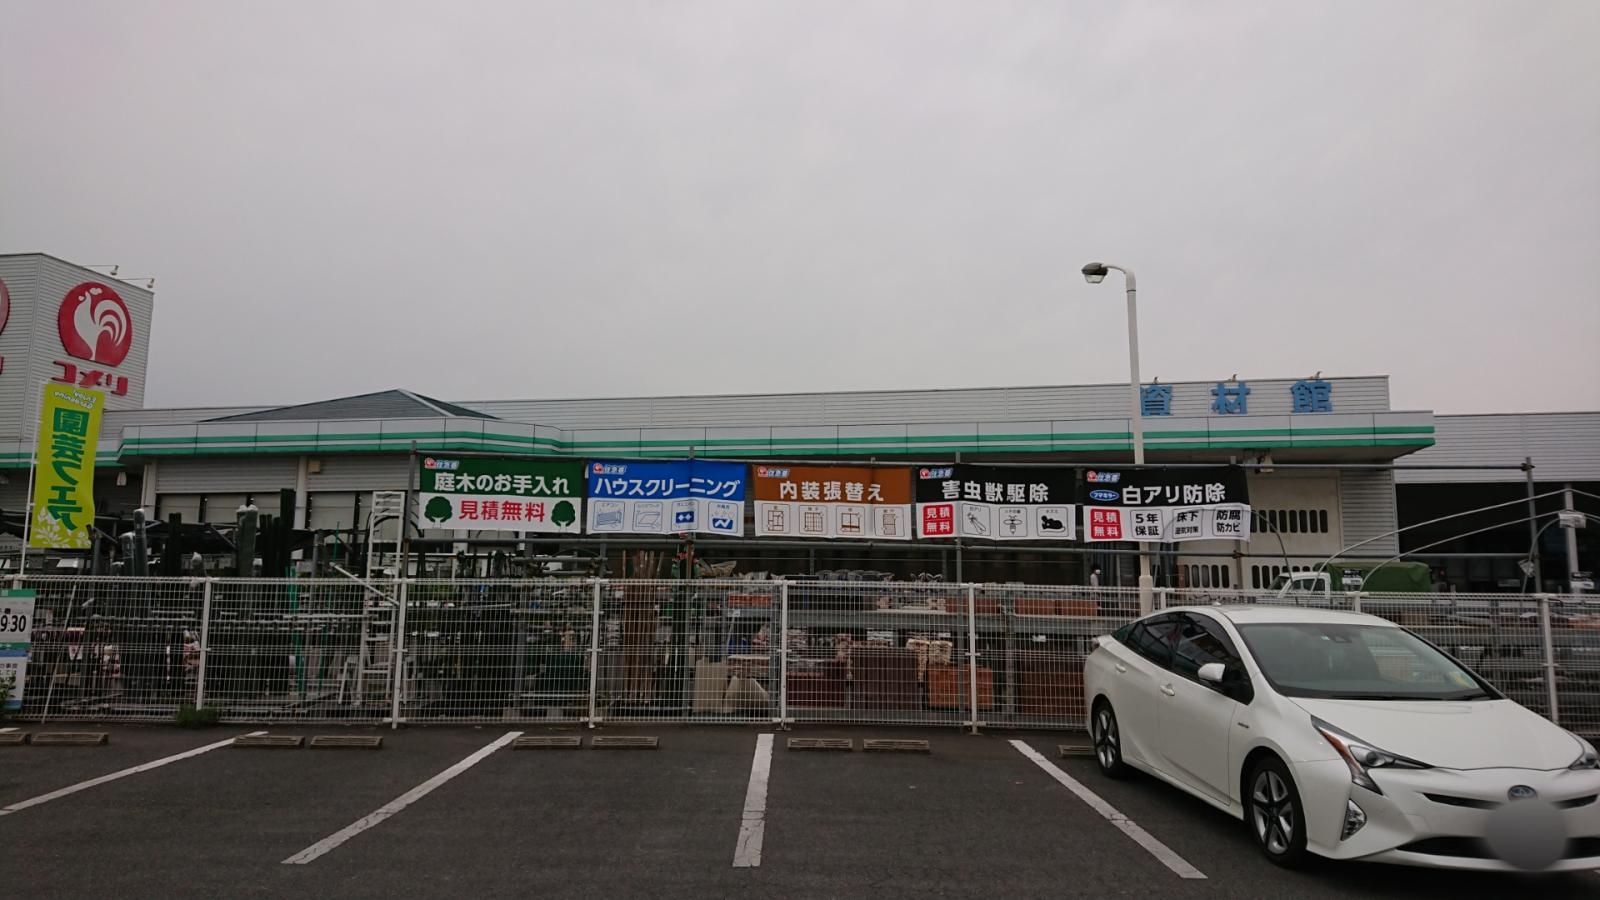 駐車場付近